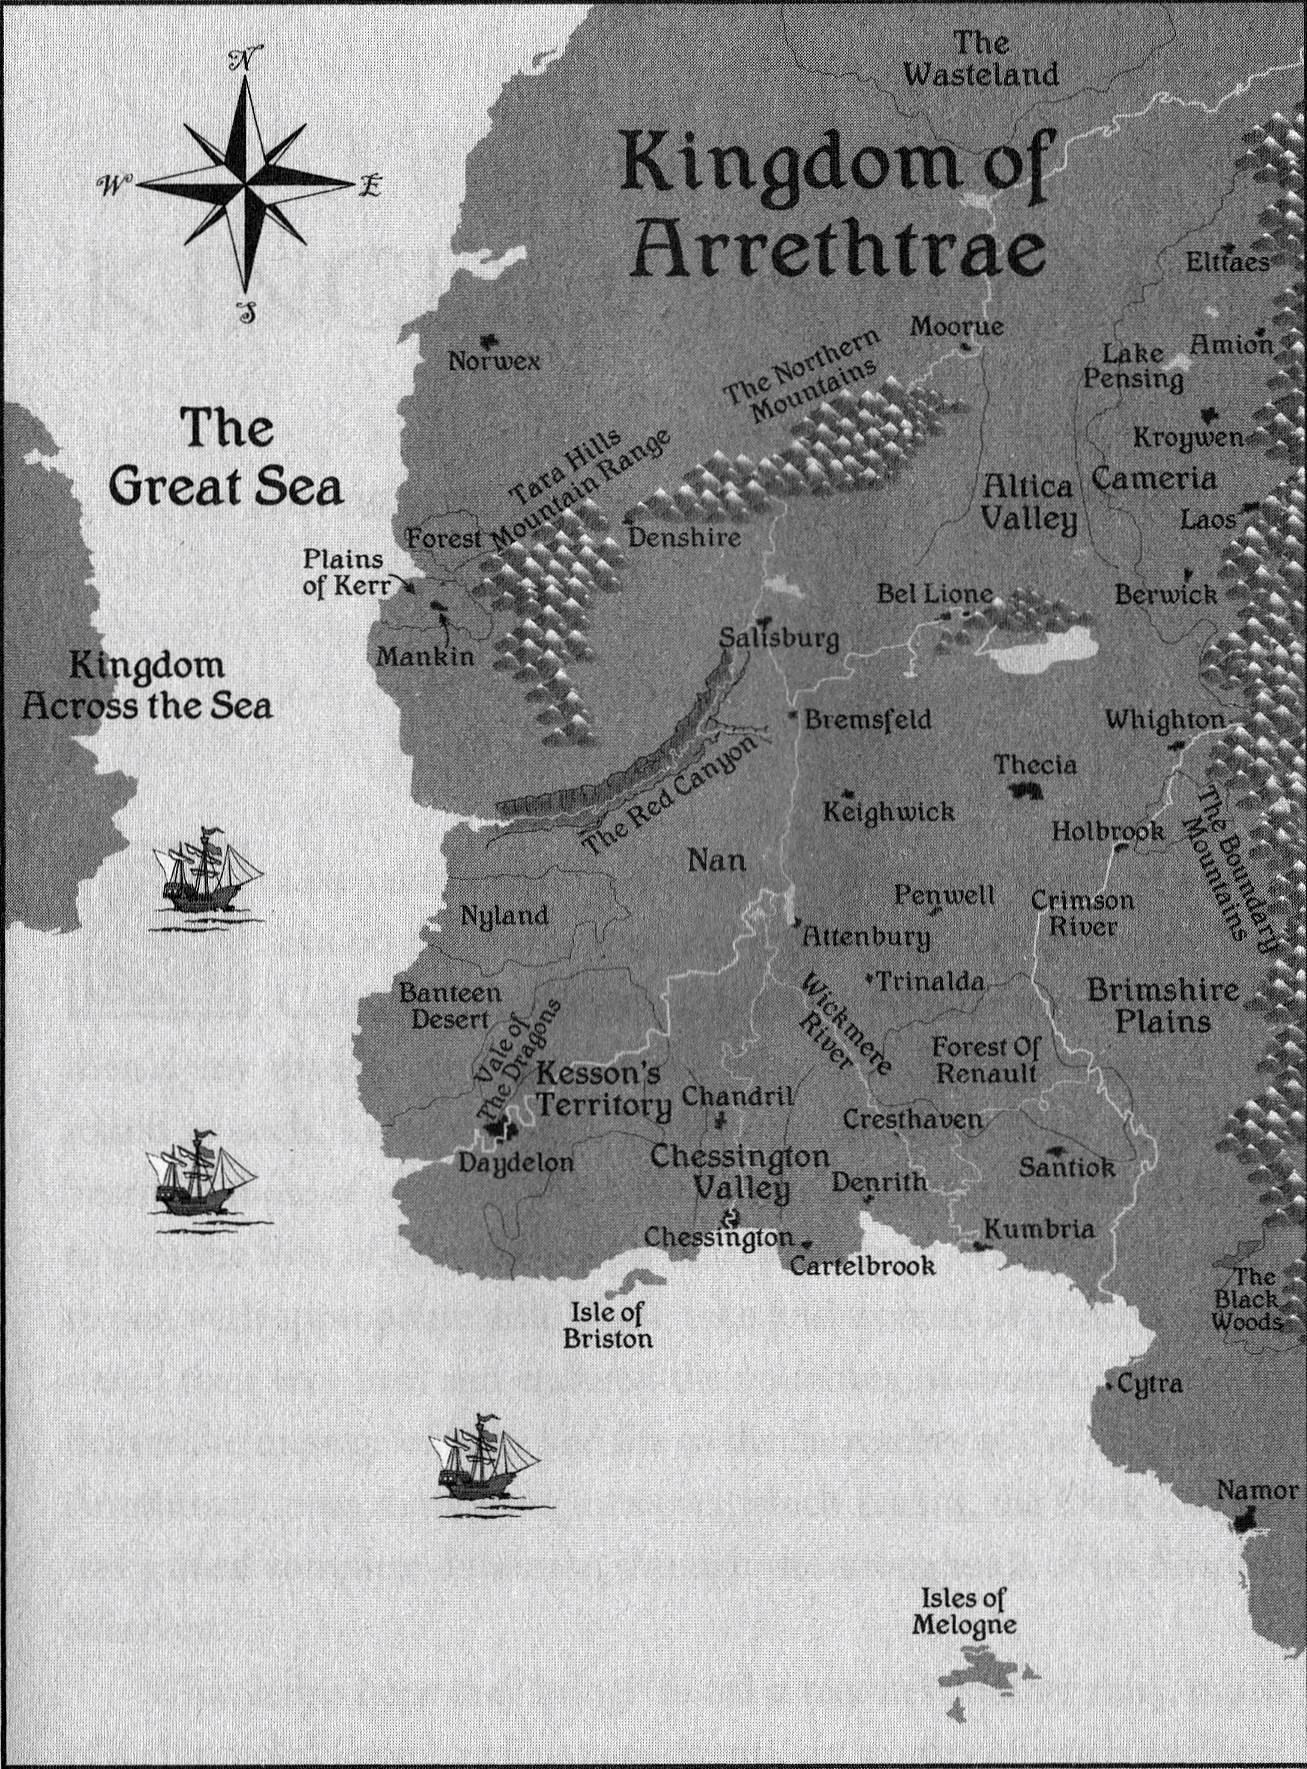 Arrethtrae arrethtrae series wiki fandom powered by wikia the kingdom of arrethtrae sciox Gallery